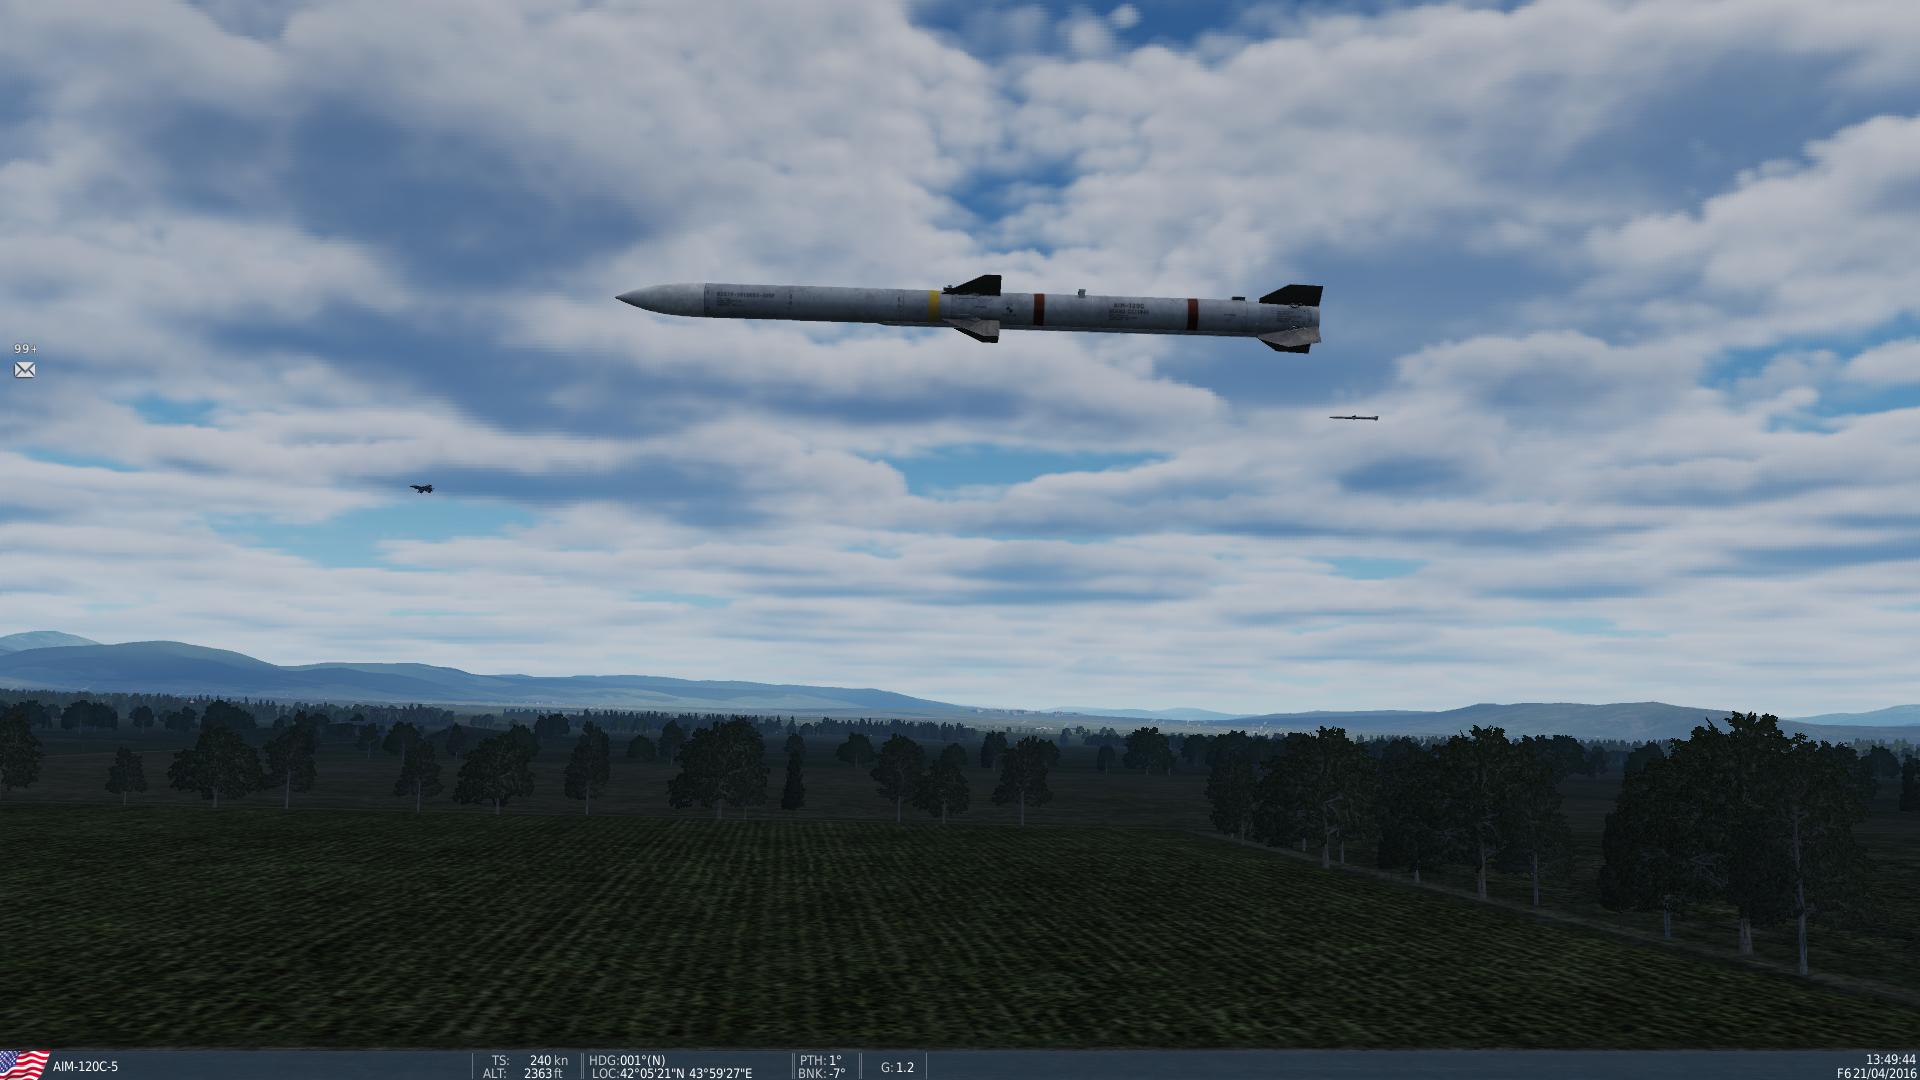 צמד טילים מנומס מלווה מטוס בחזרה לשטחו